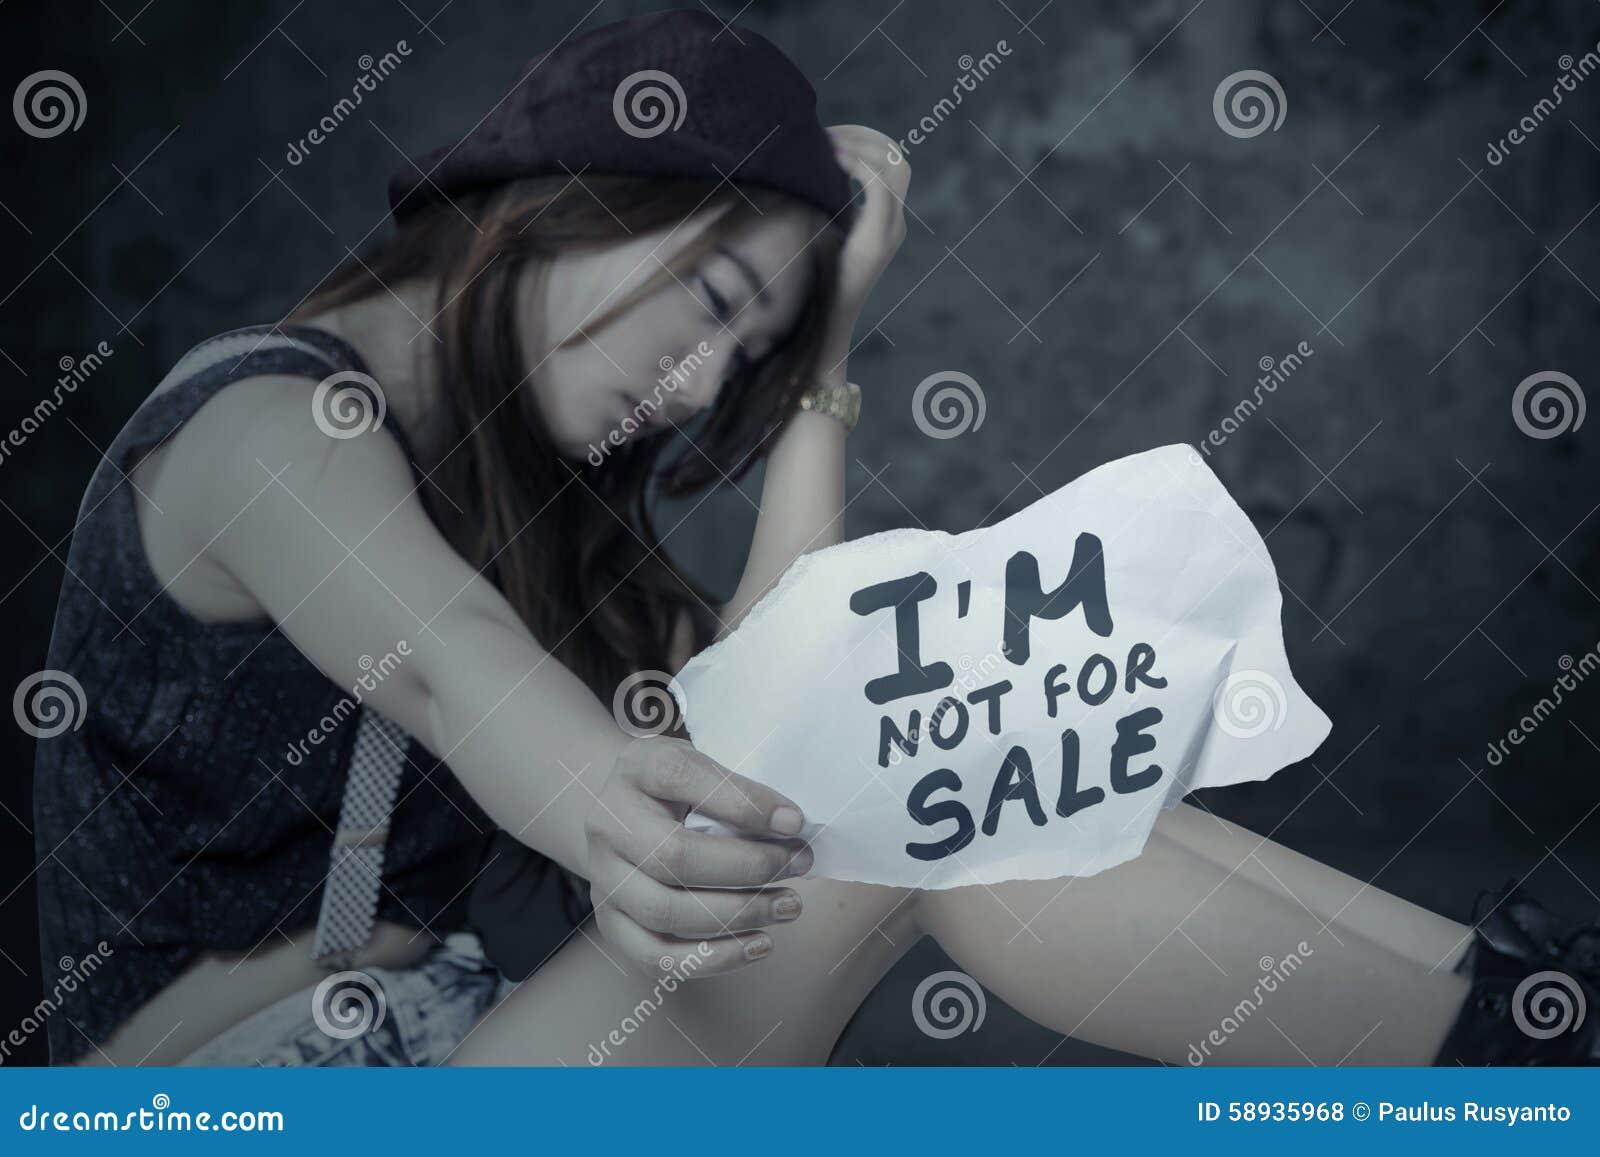 Усиленная жертва девушки торговли людьми